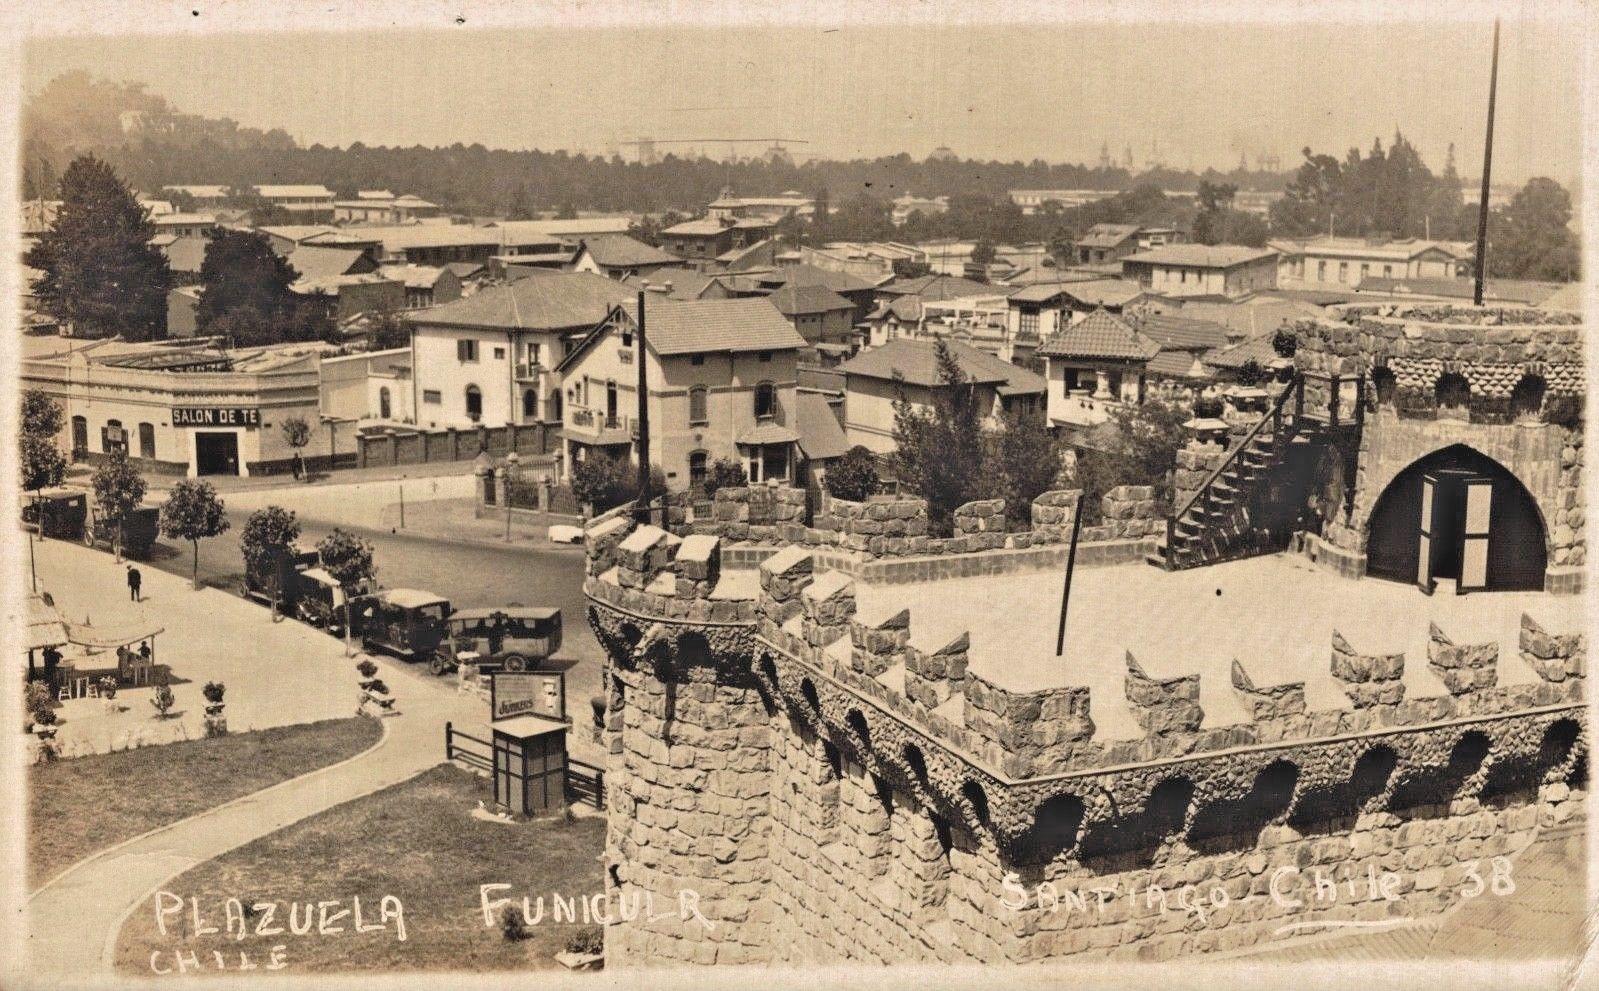 Enterreno - Fotos históricas de chile - fotos antiguas de Chile - Plazuela del Funicular de Santiago en 1922